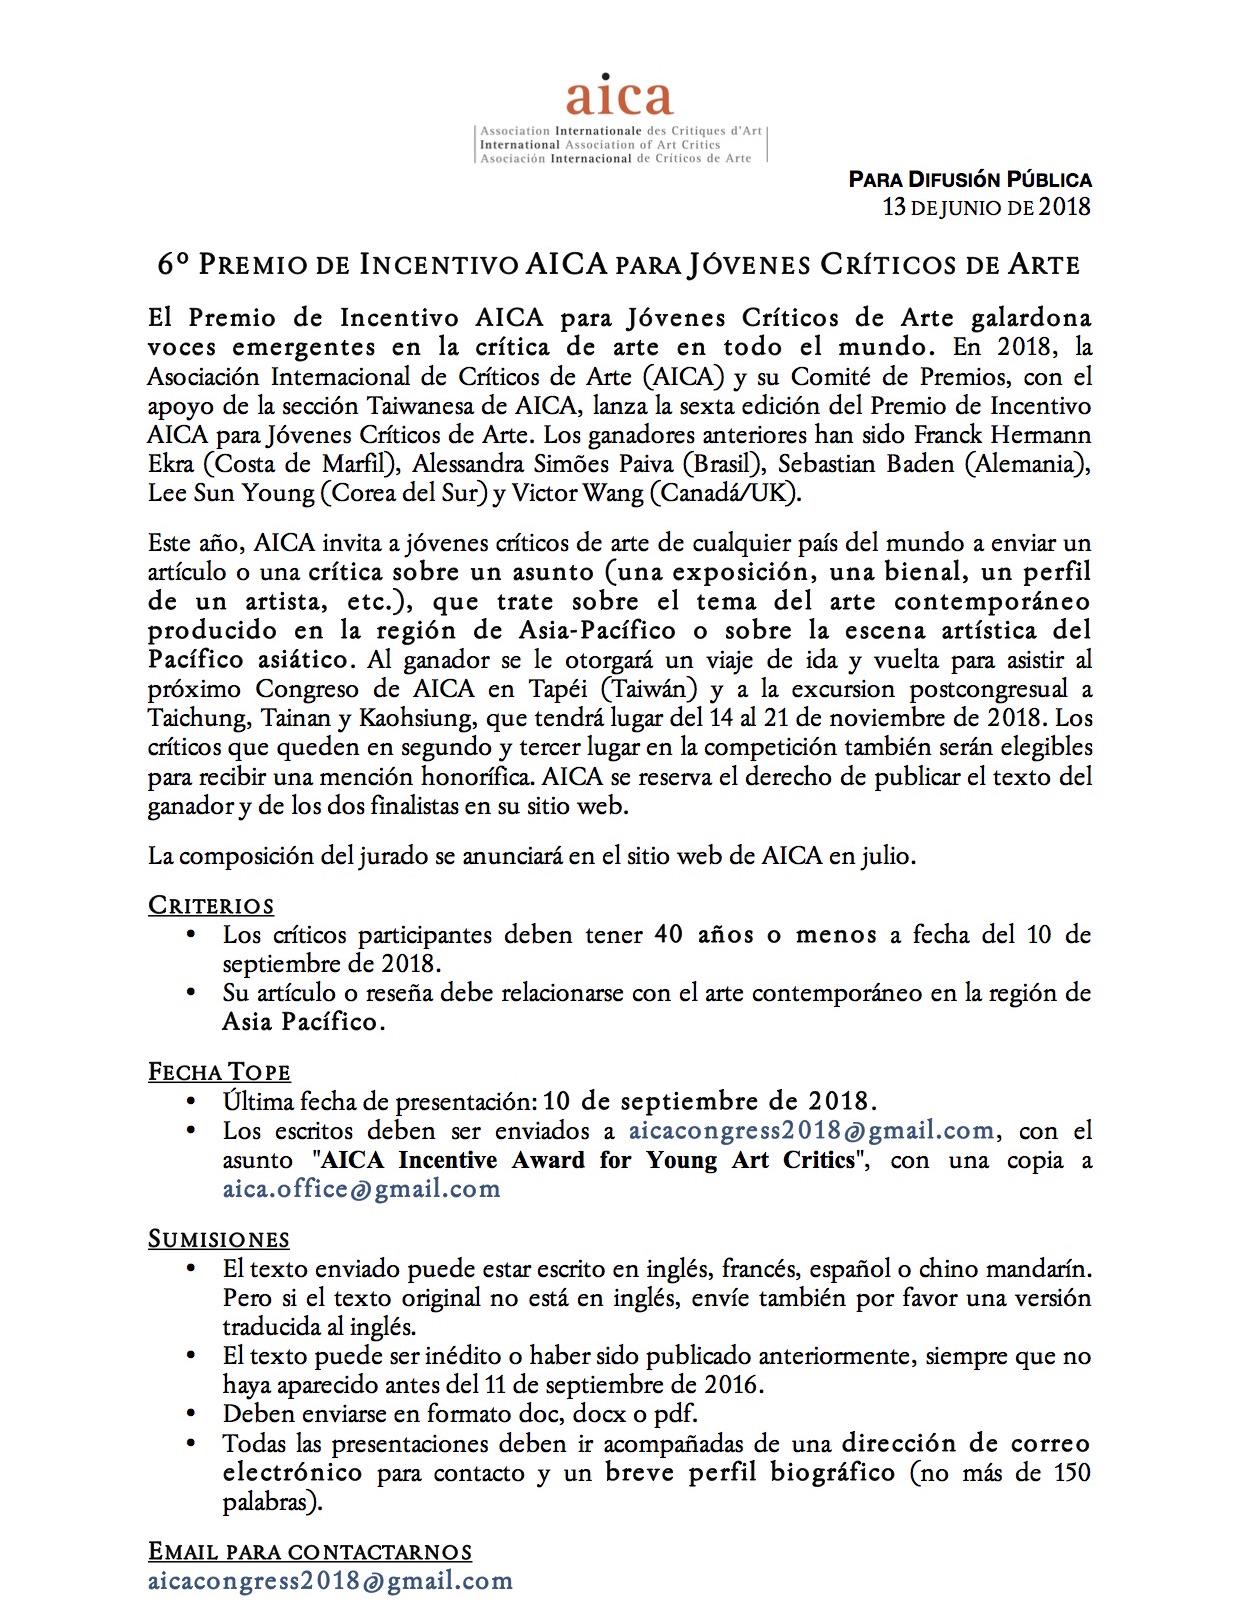 AICA_PremioDeIncentivoParaJovenesCriticosDeArte_2018_1.jpg